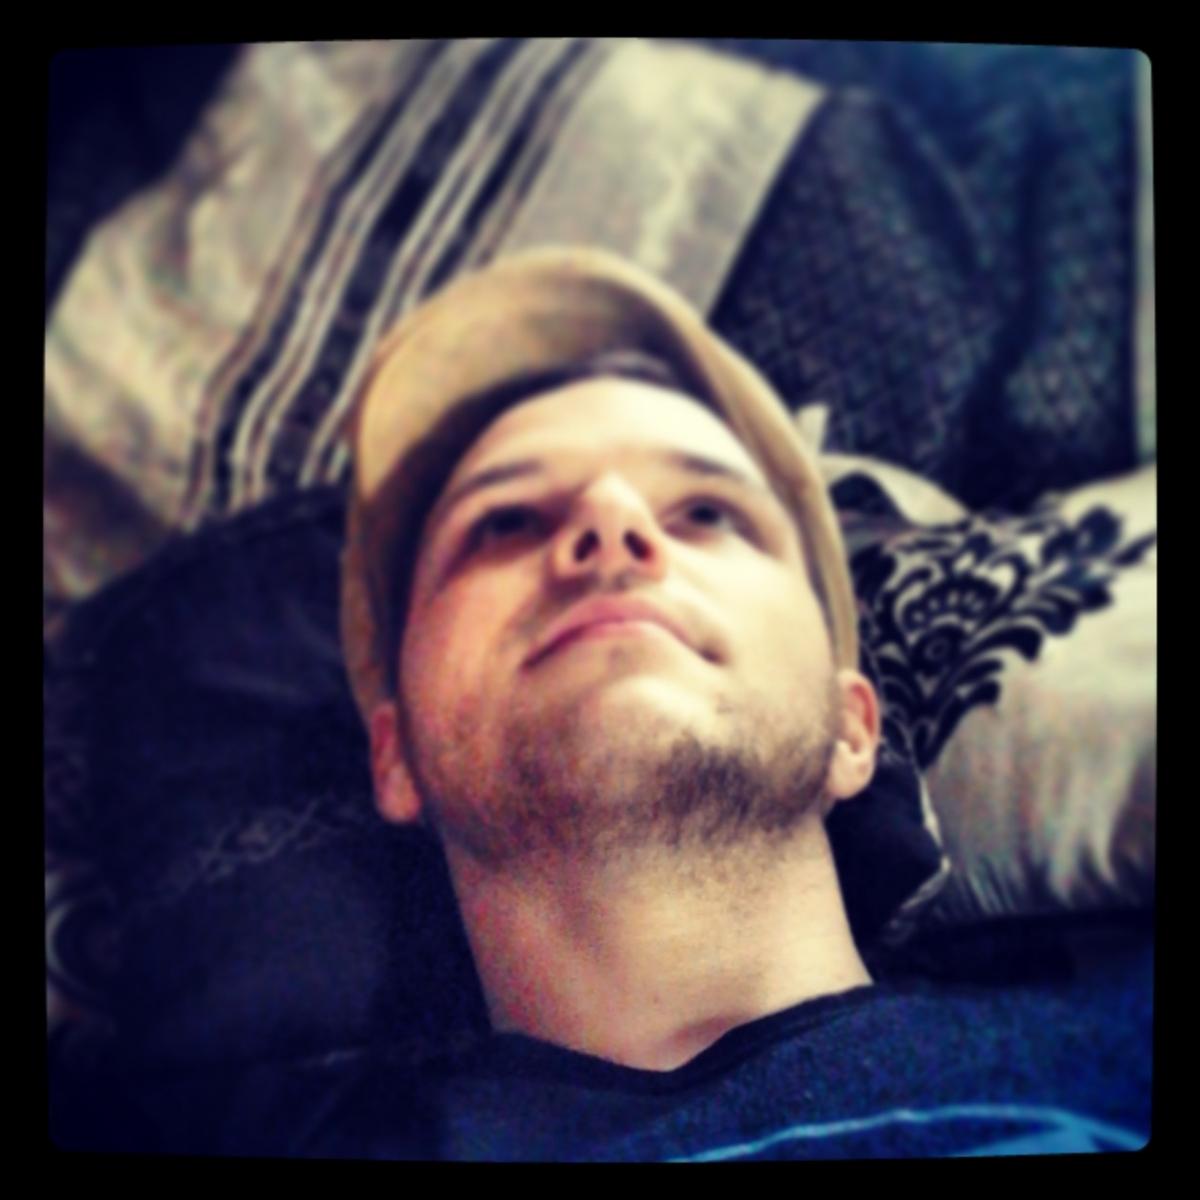 Me @ Bed